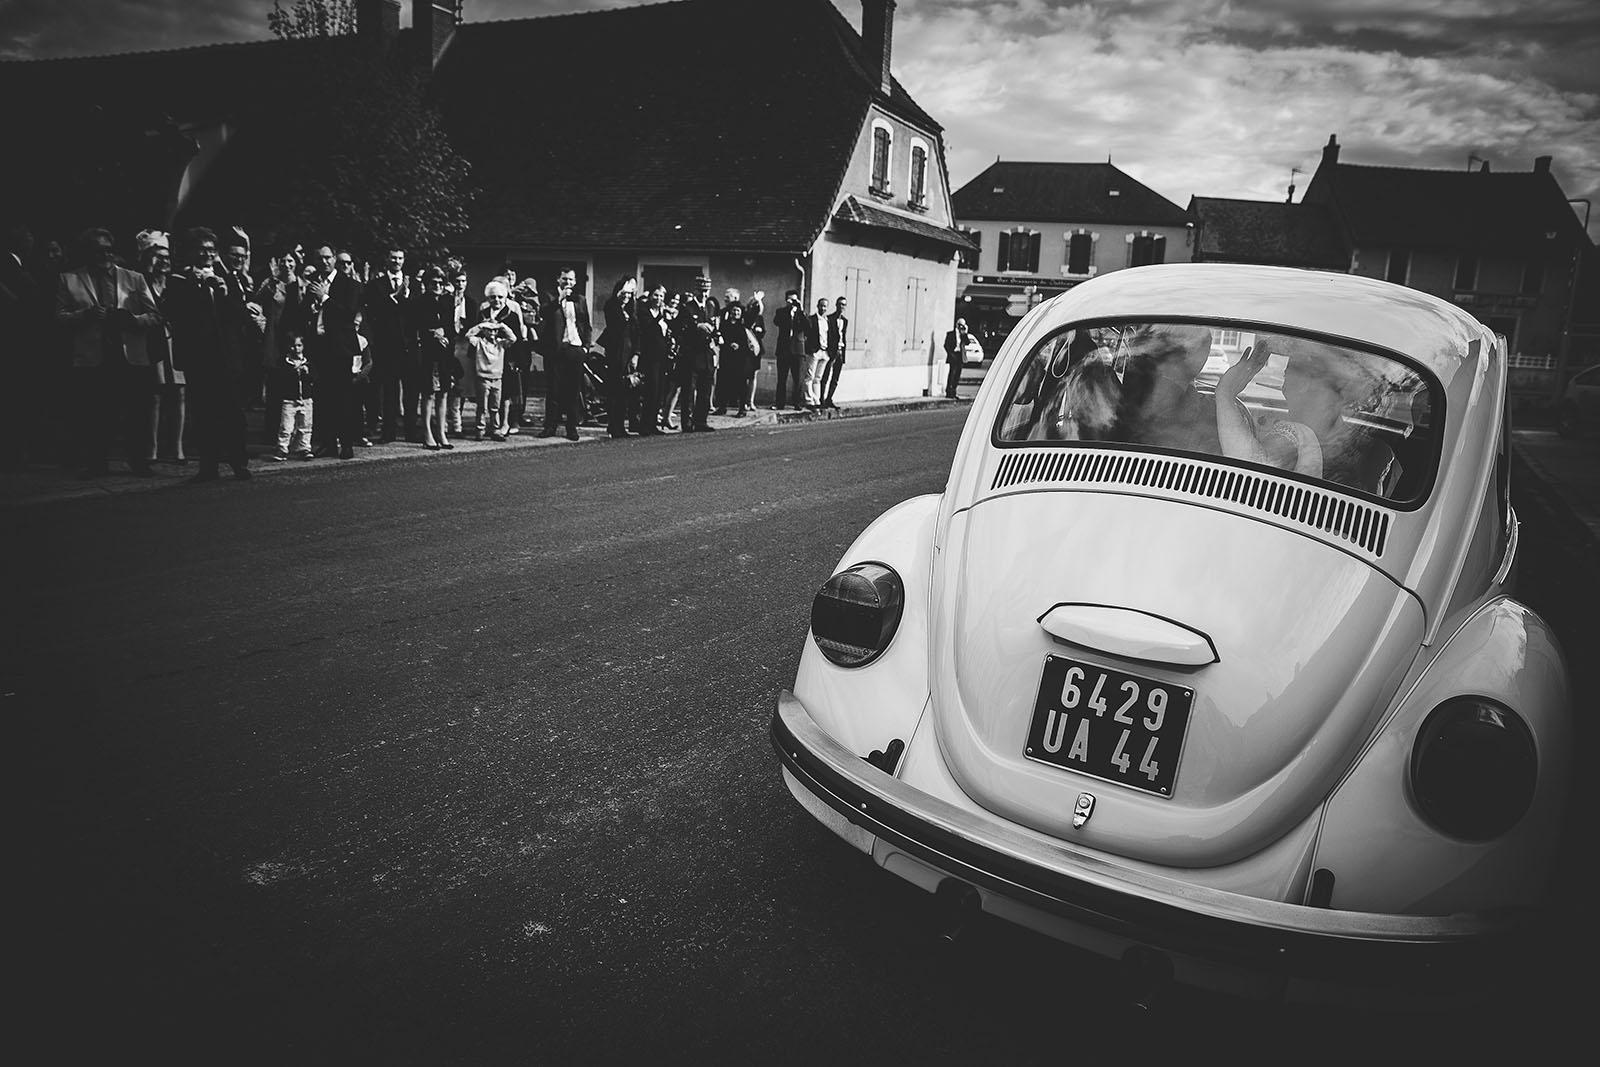 Mariage Château de Beauvoir. Départ des mariés de l'église dans une belle voiture Coccinelle blanche. David Pommier photographe de mariage